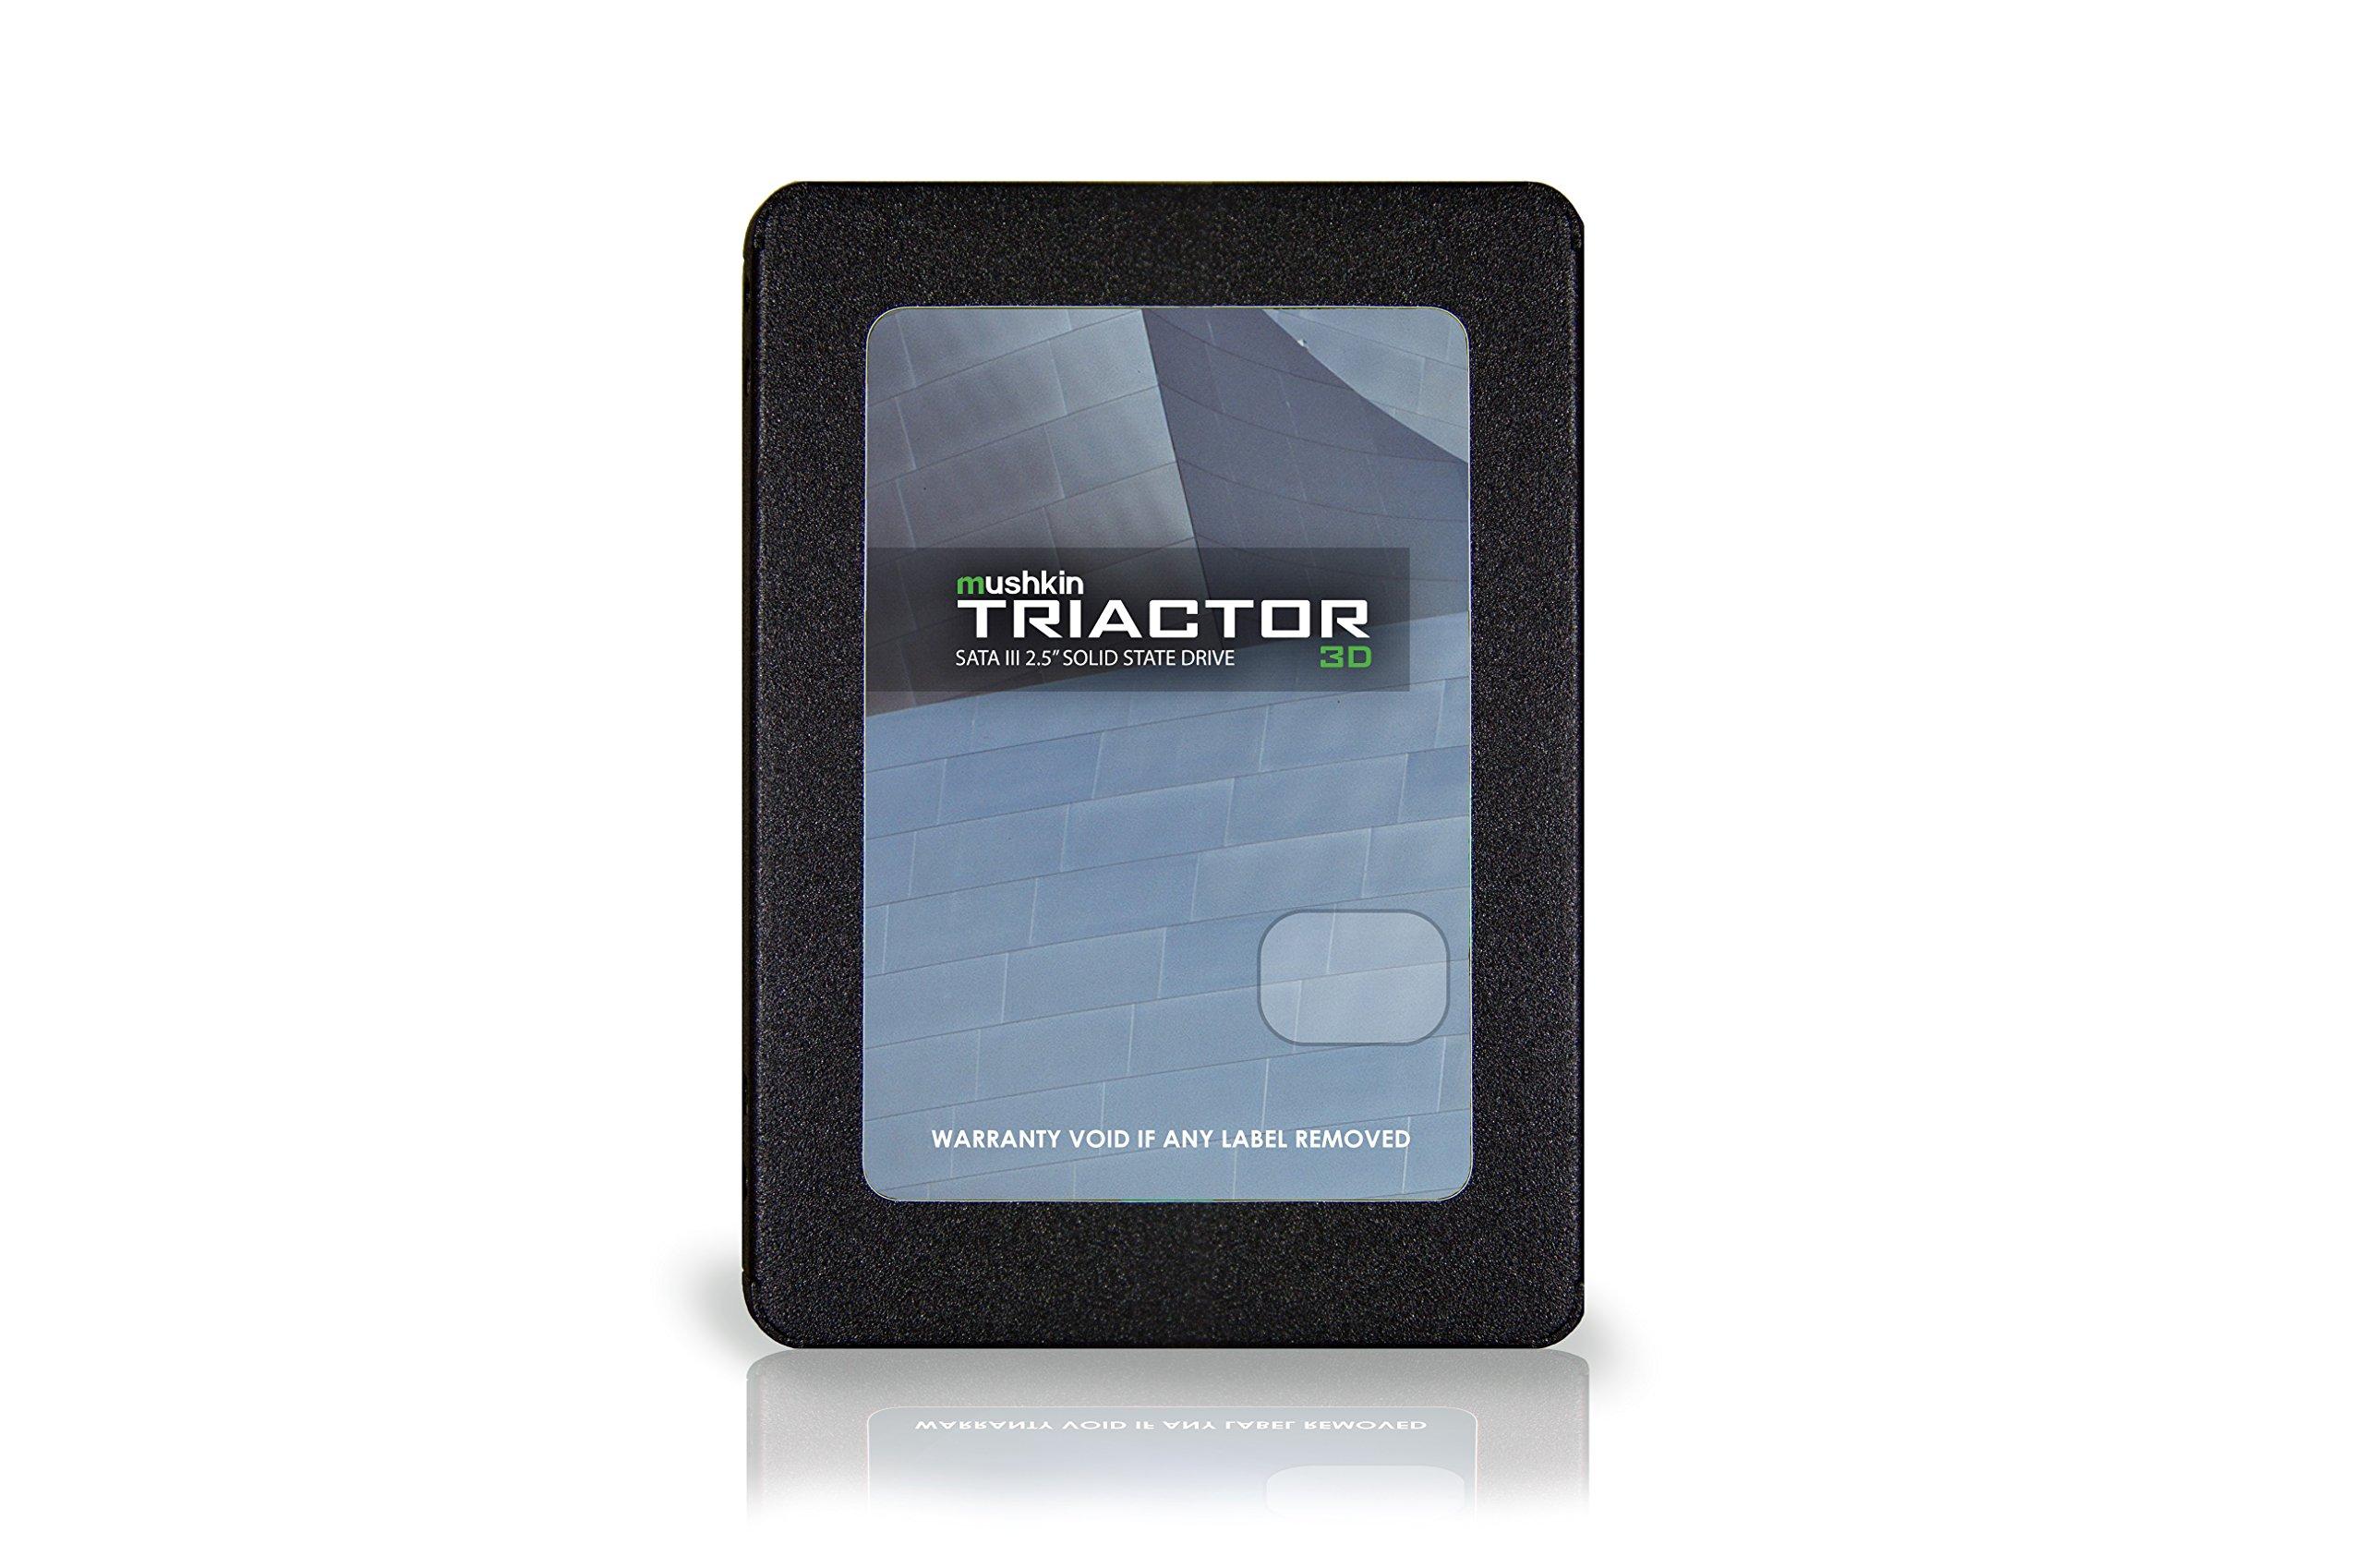 Mushkin TRIACTOR-3DL - 120GB Internal Solid State Drive (SSD) - 2.5 Inch - SATA III - 6Gb/s - 3D Vertical TLC - 7mm (MKNSSDTR120GB-3DL) by Mushkin (Image #1)